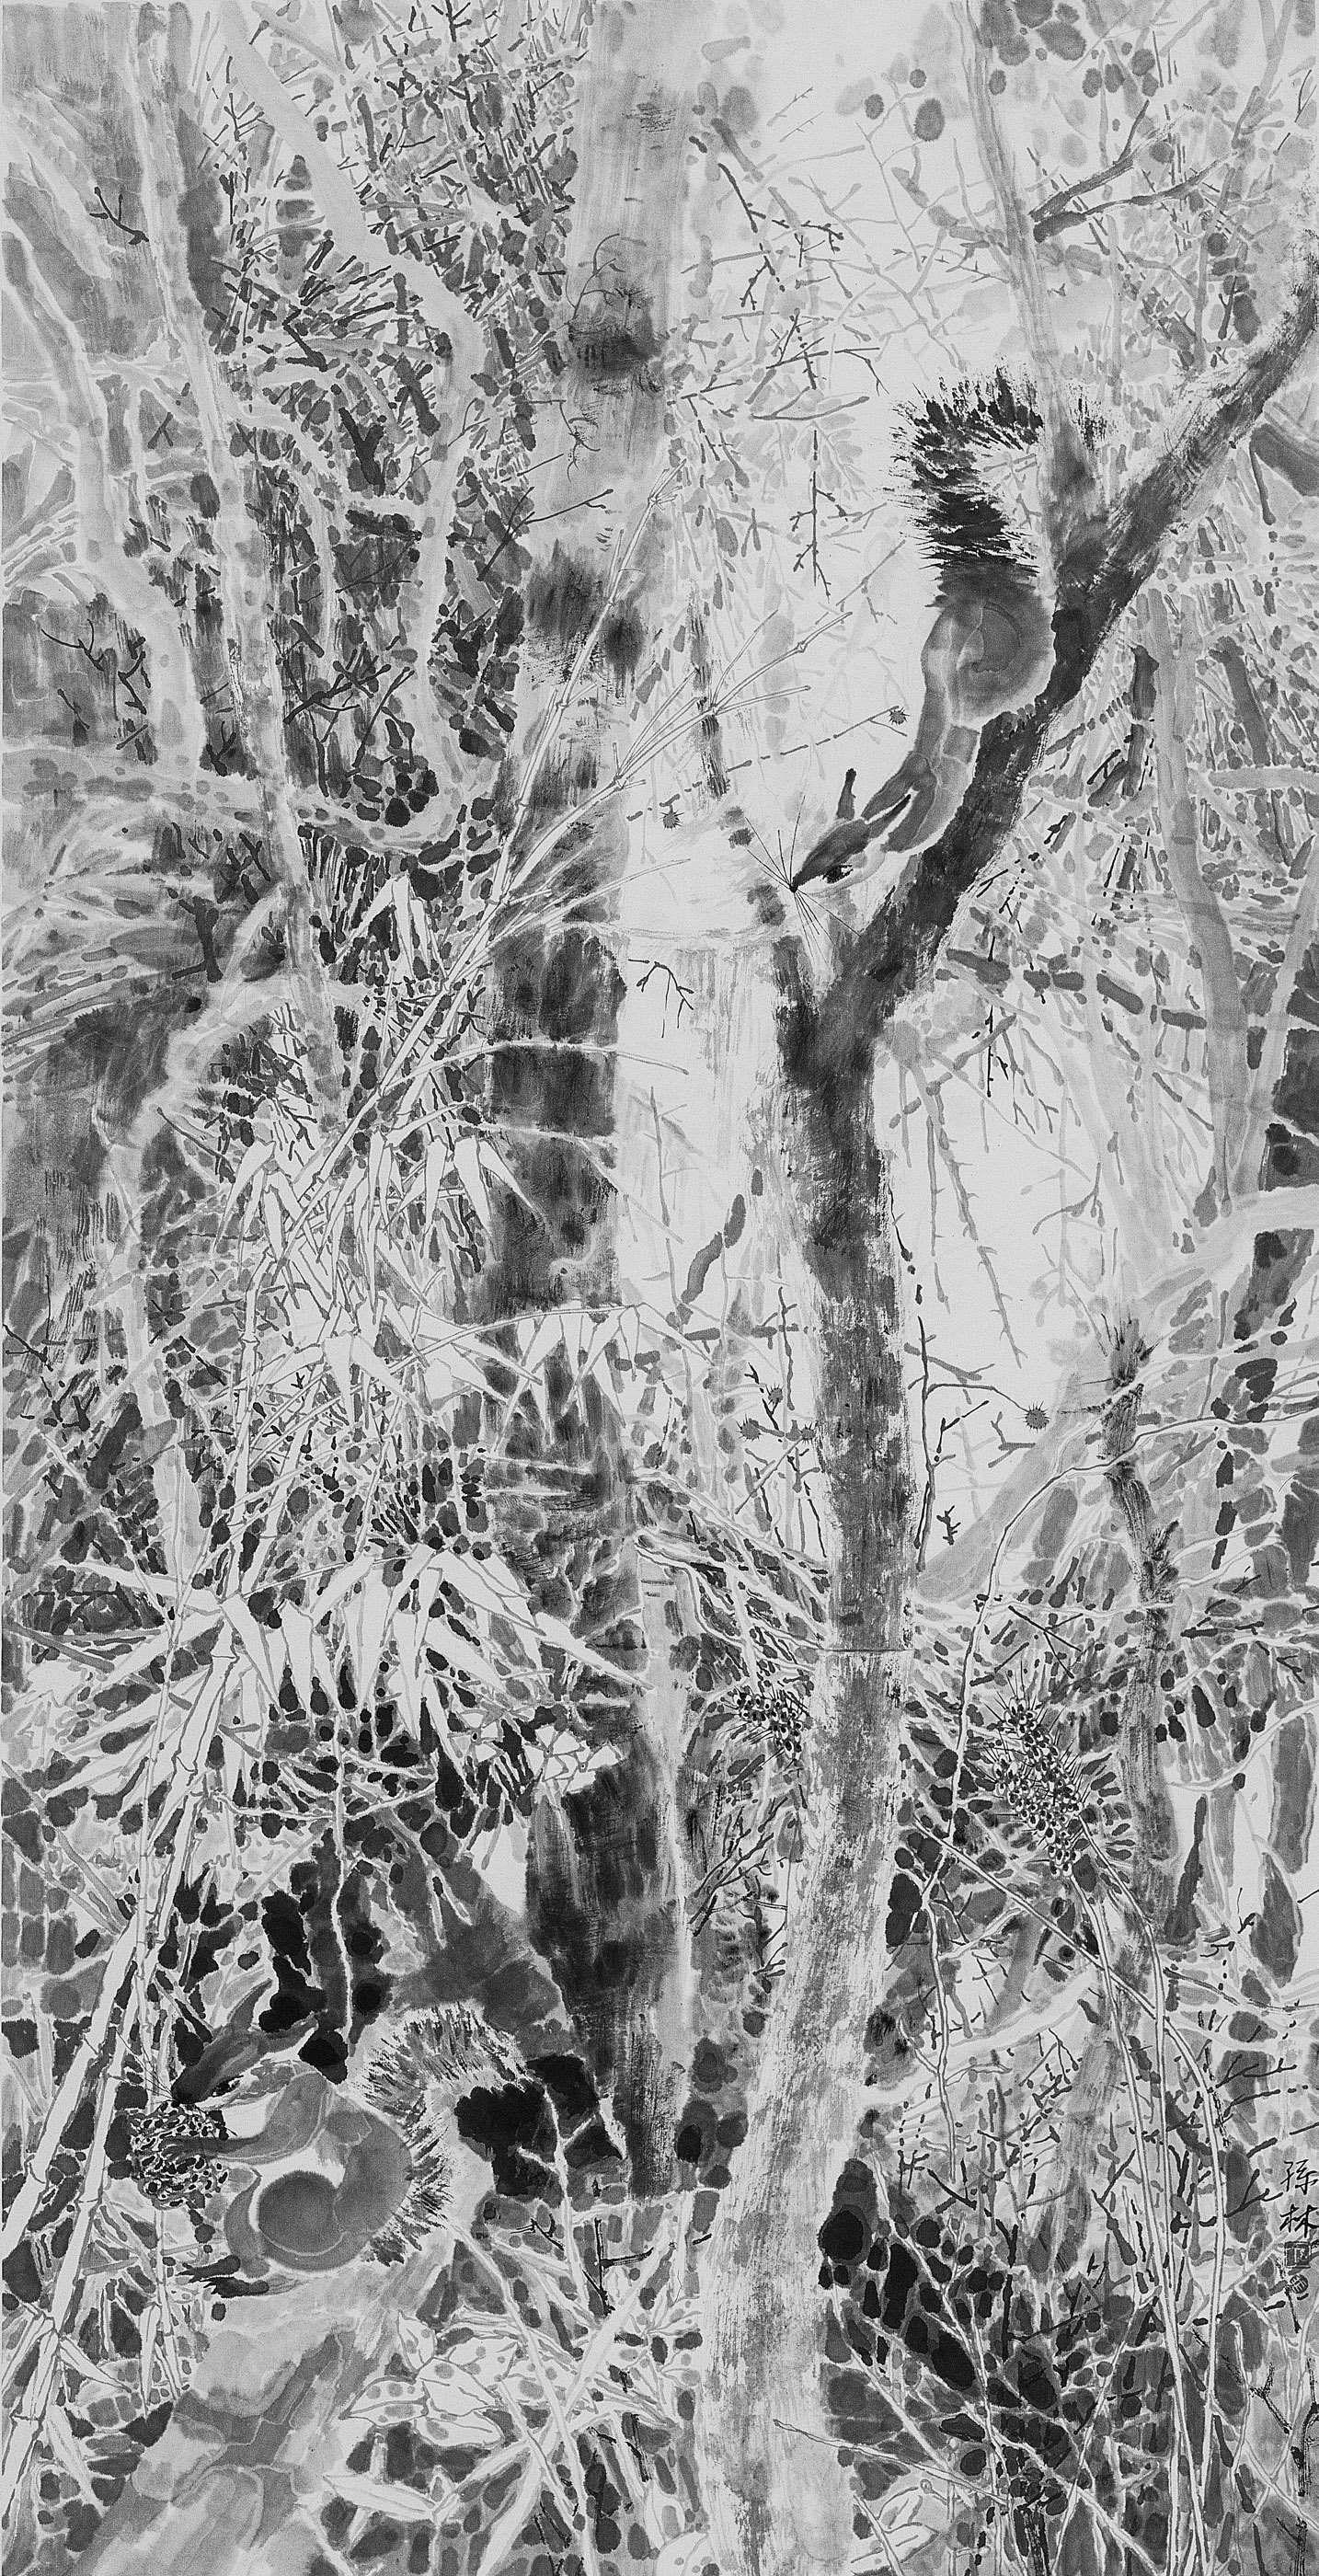 树林之二 Wood 2